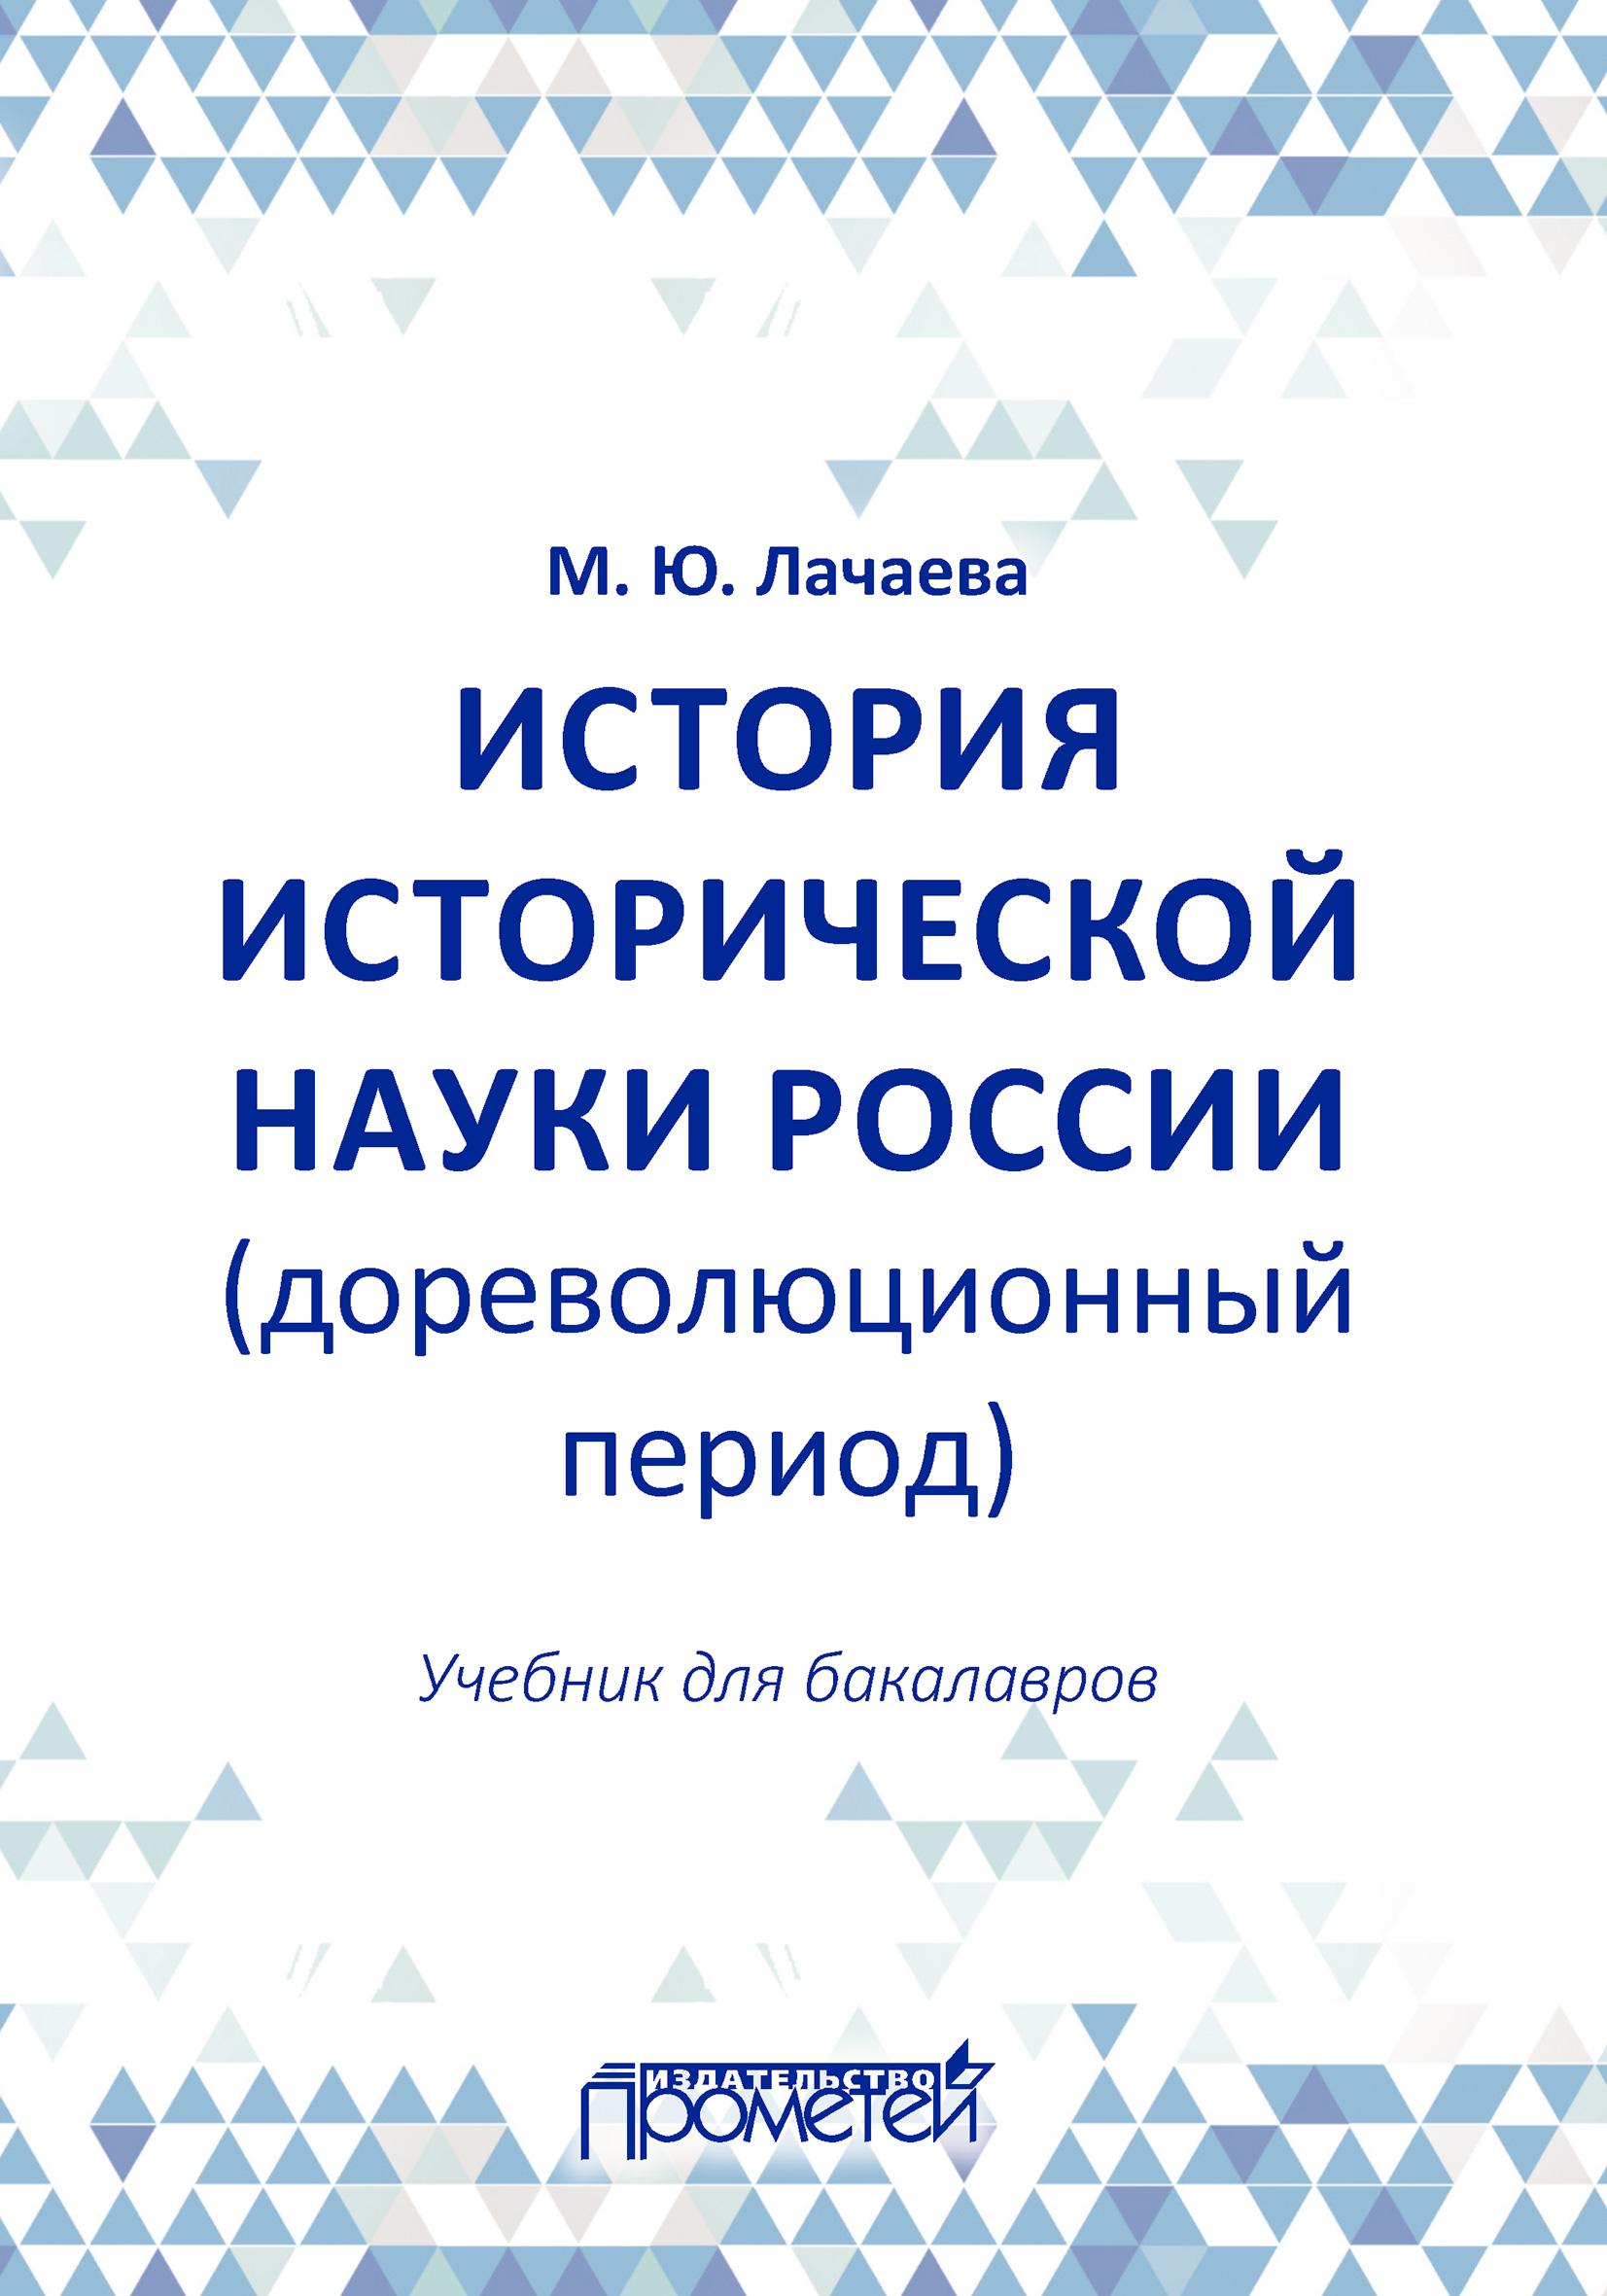 М. Ю. Лачаева История исторической науки России (дореволюционный период): учебник для бакалавров